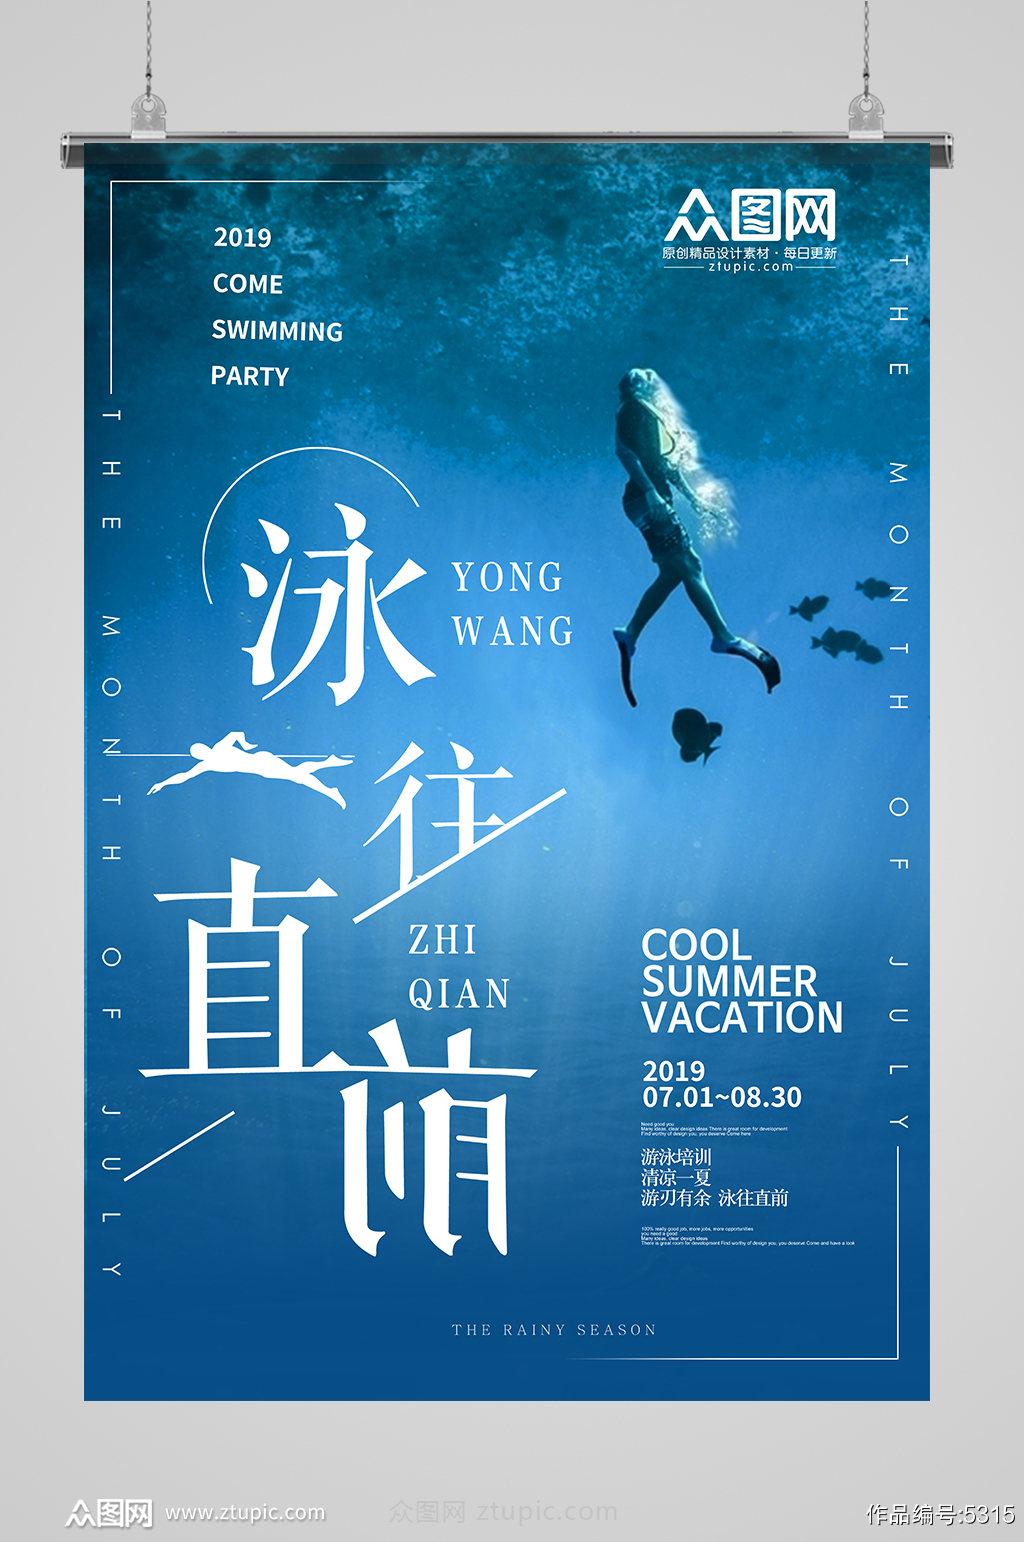 夏日游泳海报图片素材